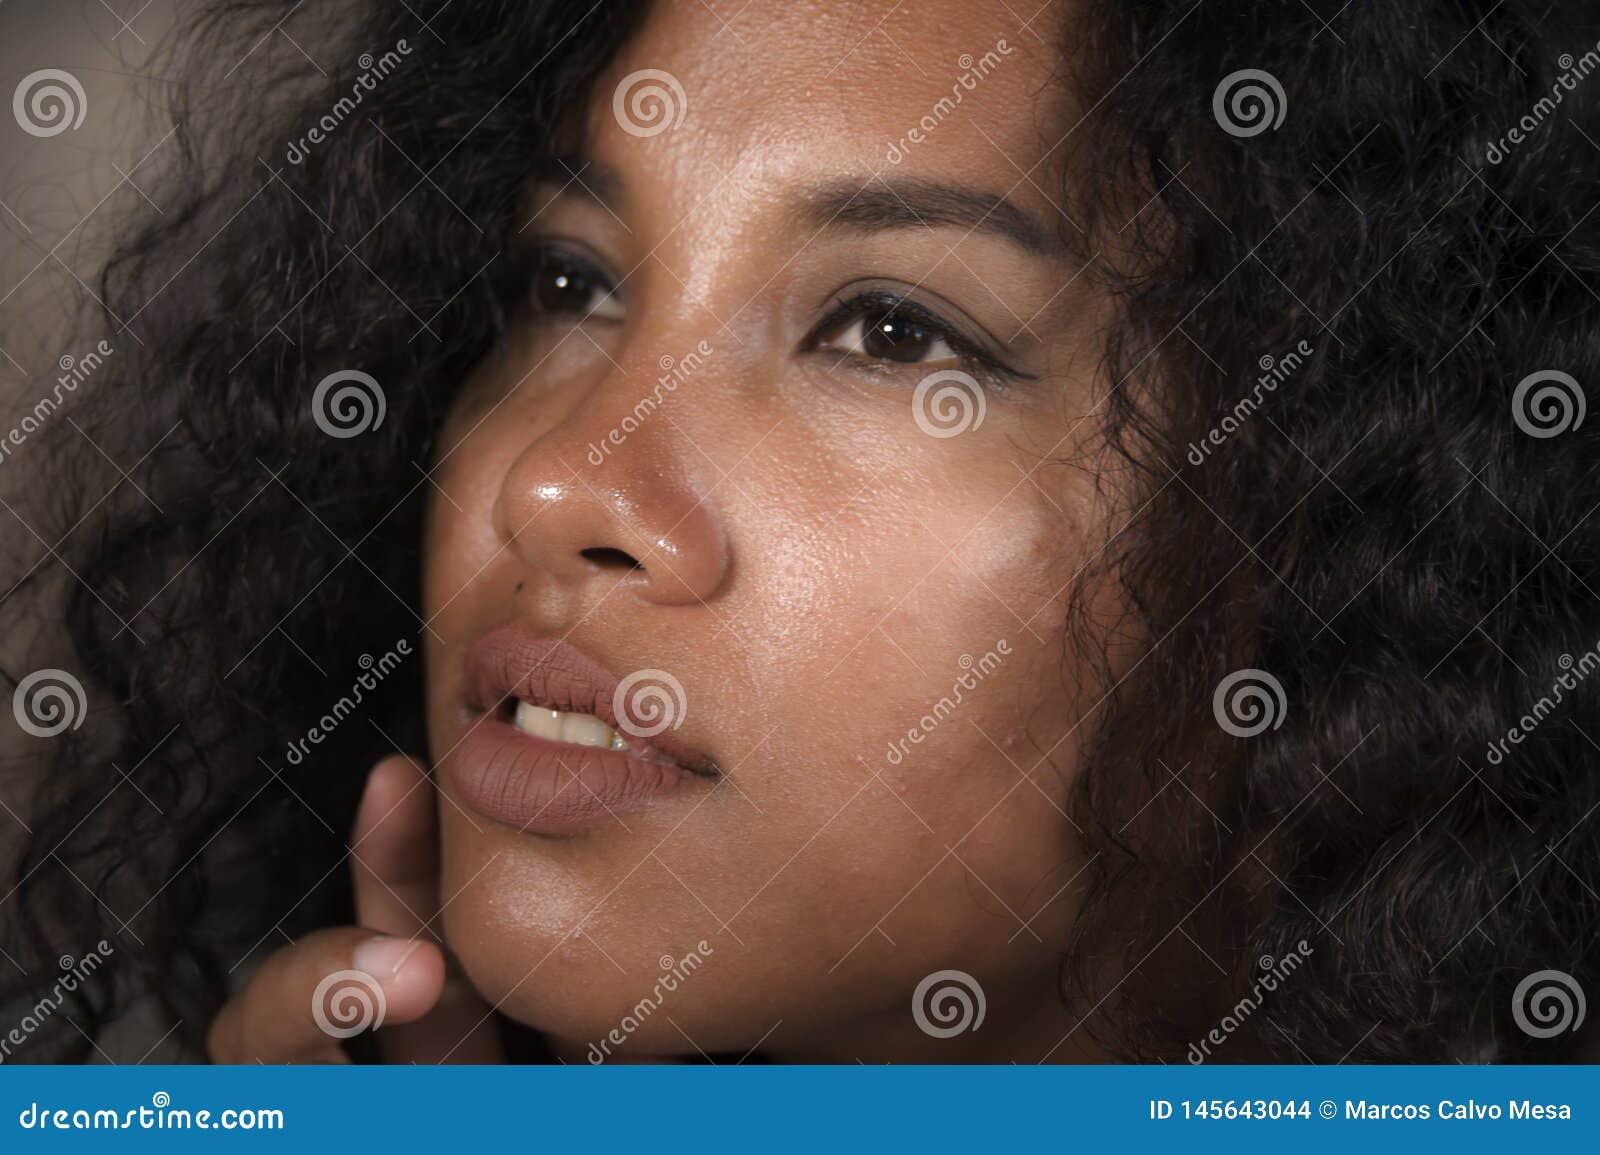 Zamyka w górę twarz portreta młoda pięknego, egzot mieszającego pochodzenia etnicznego Amerykańska kobieta z ekspresyjnymi oczami